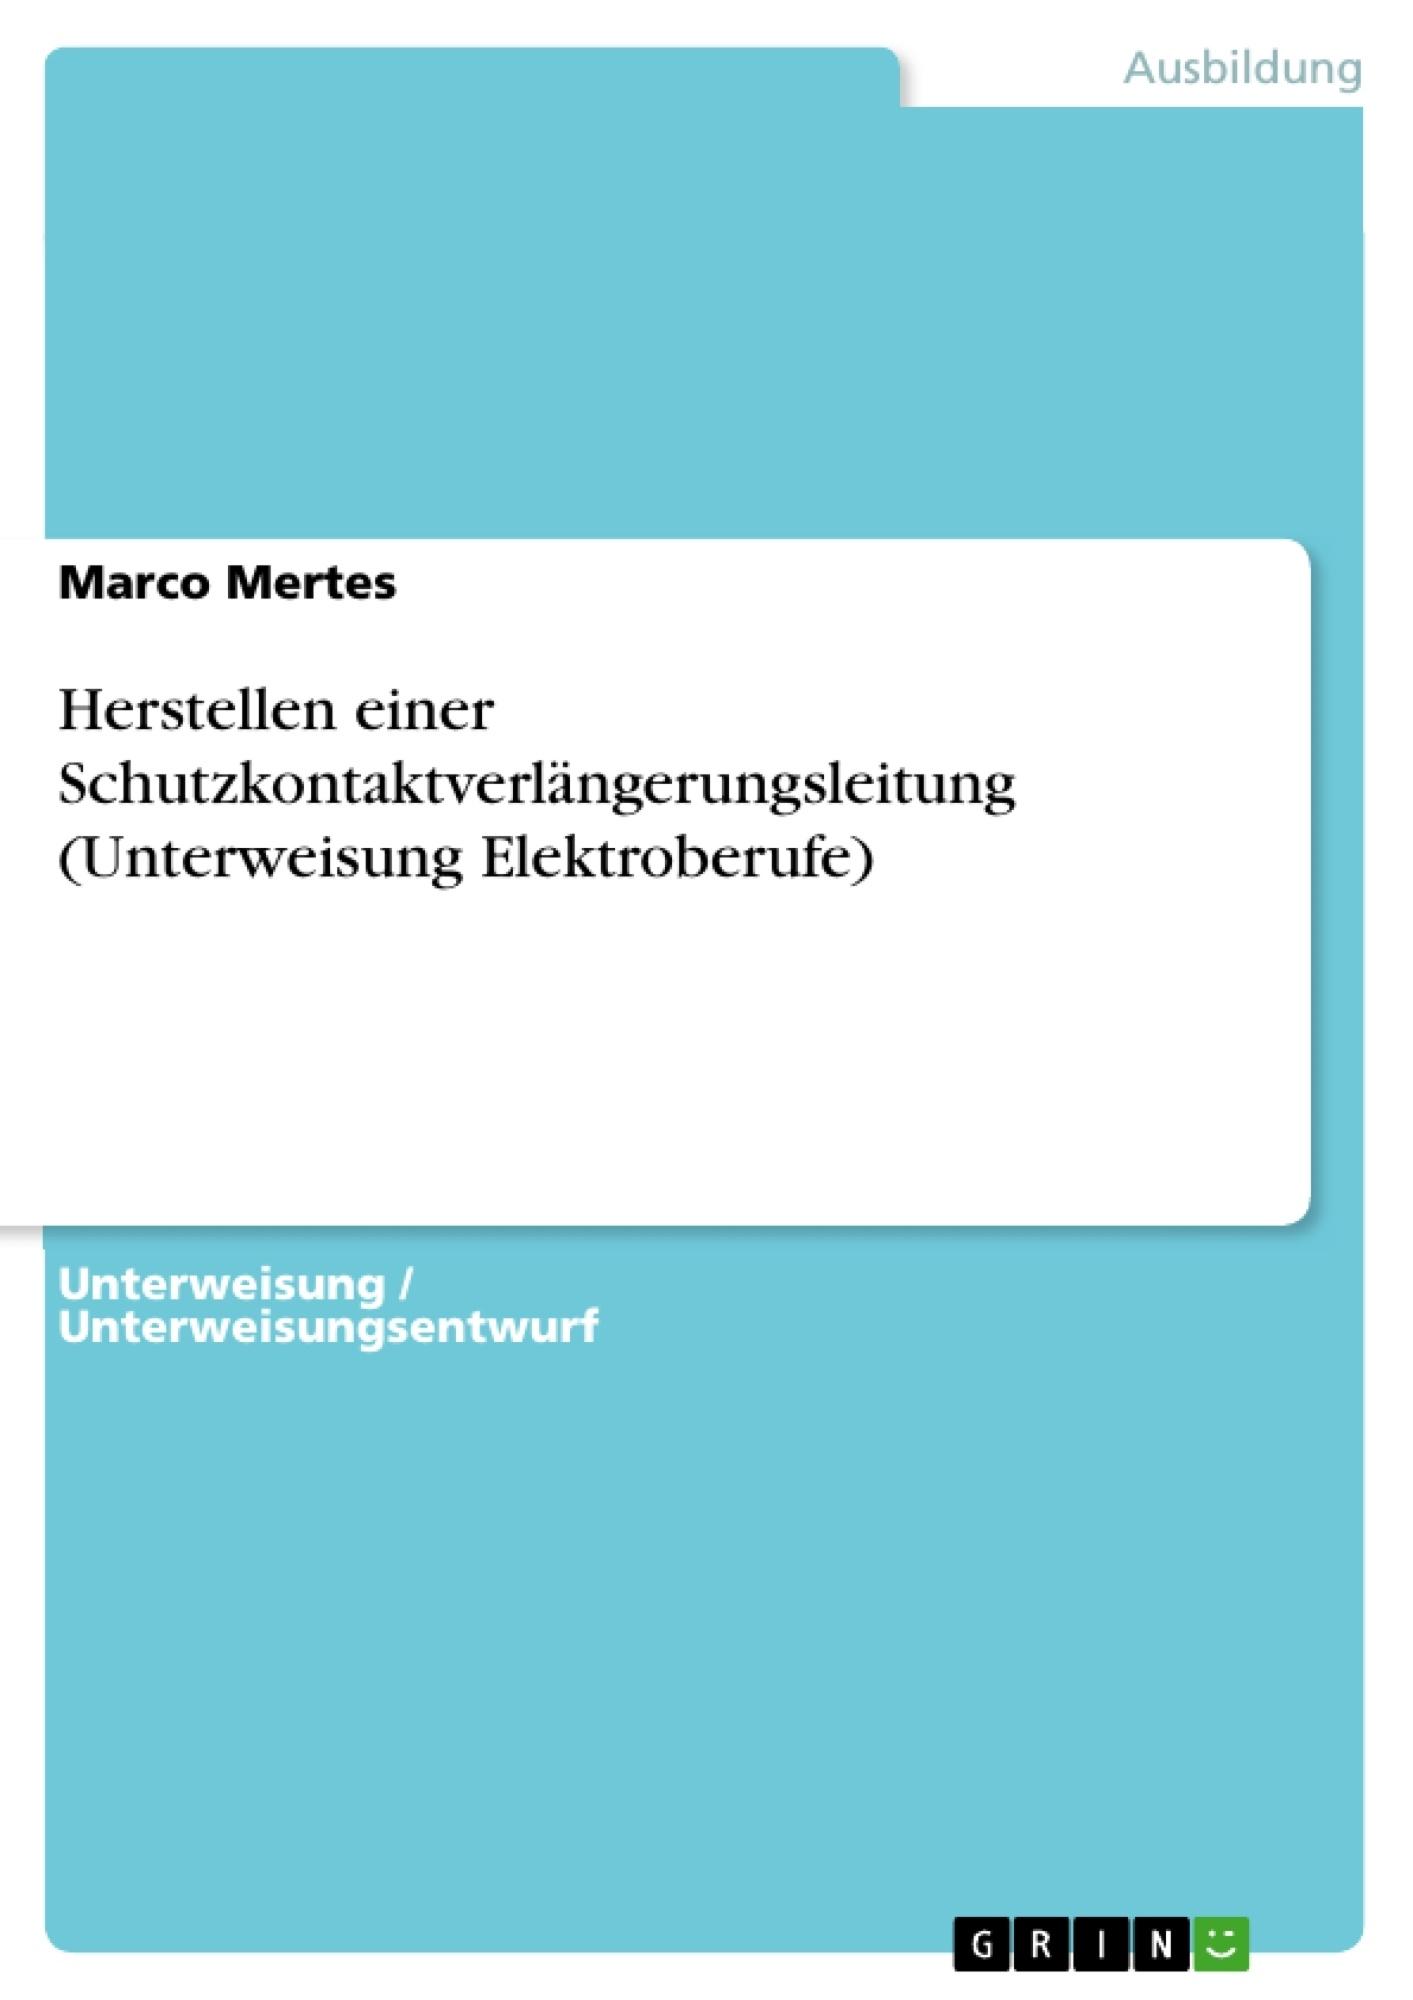 Titel: Herstellen einer Schutzkontaktverlängerungsleitung (Unterweisung Elektroberufe)